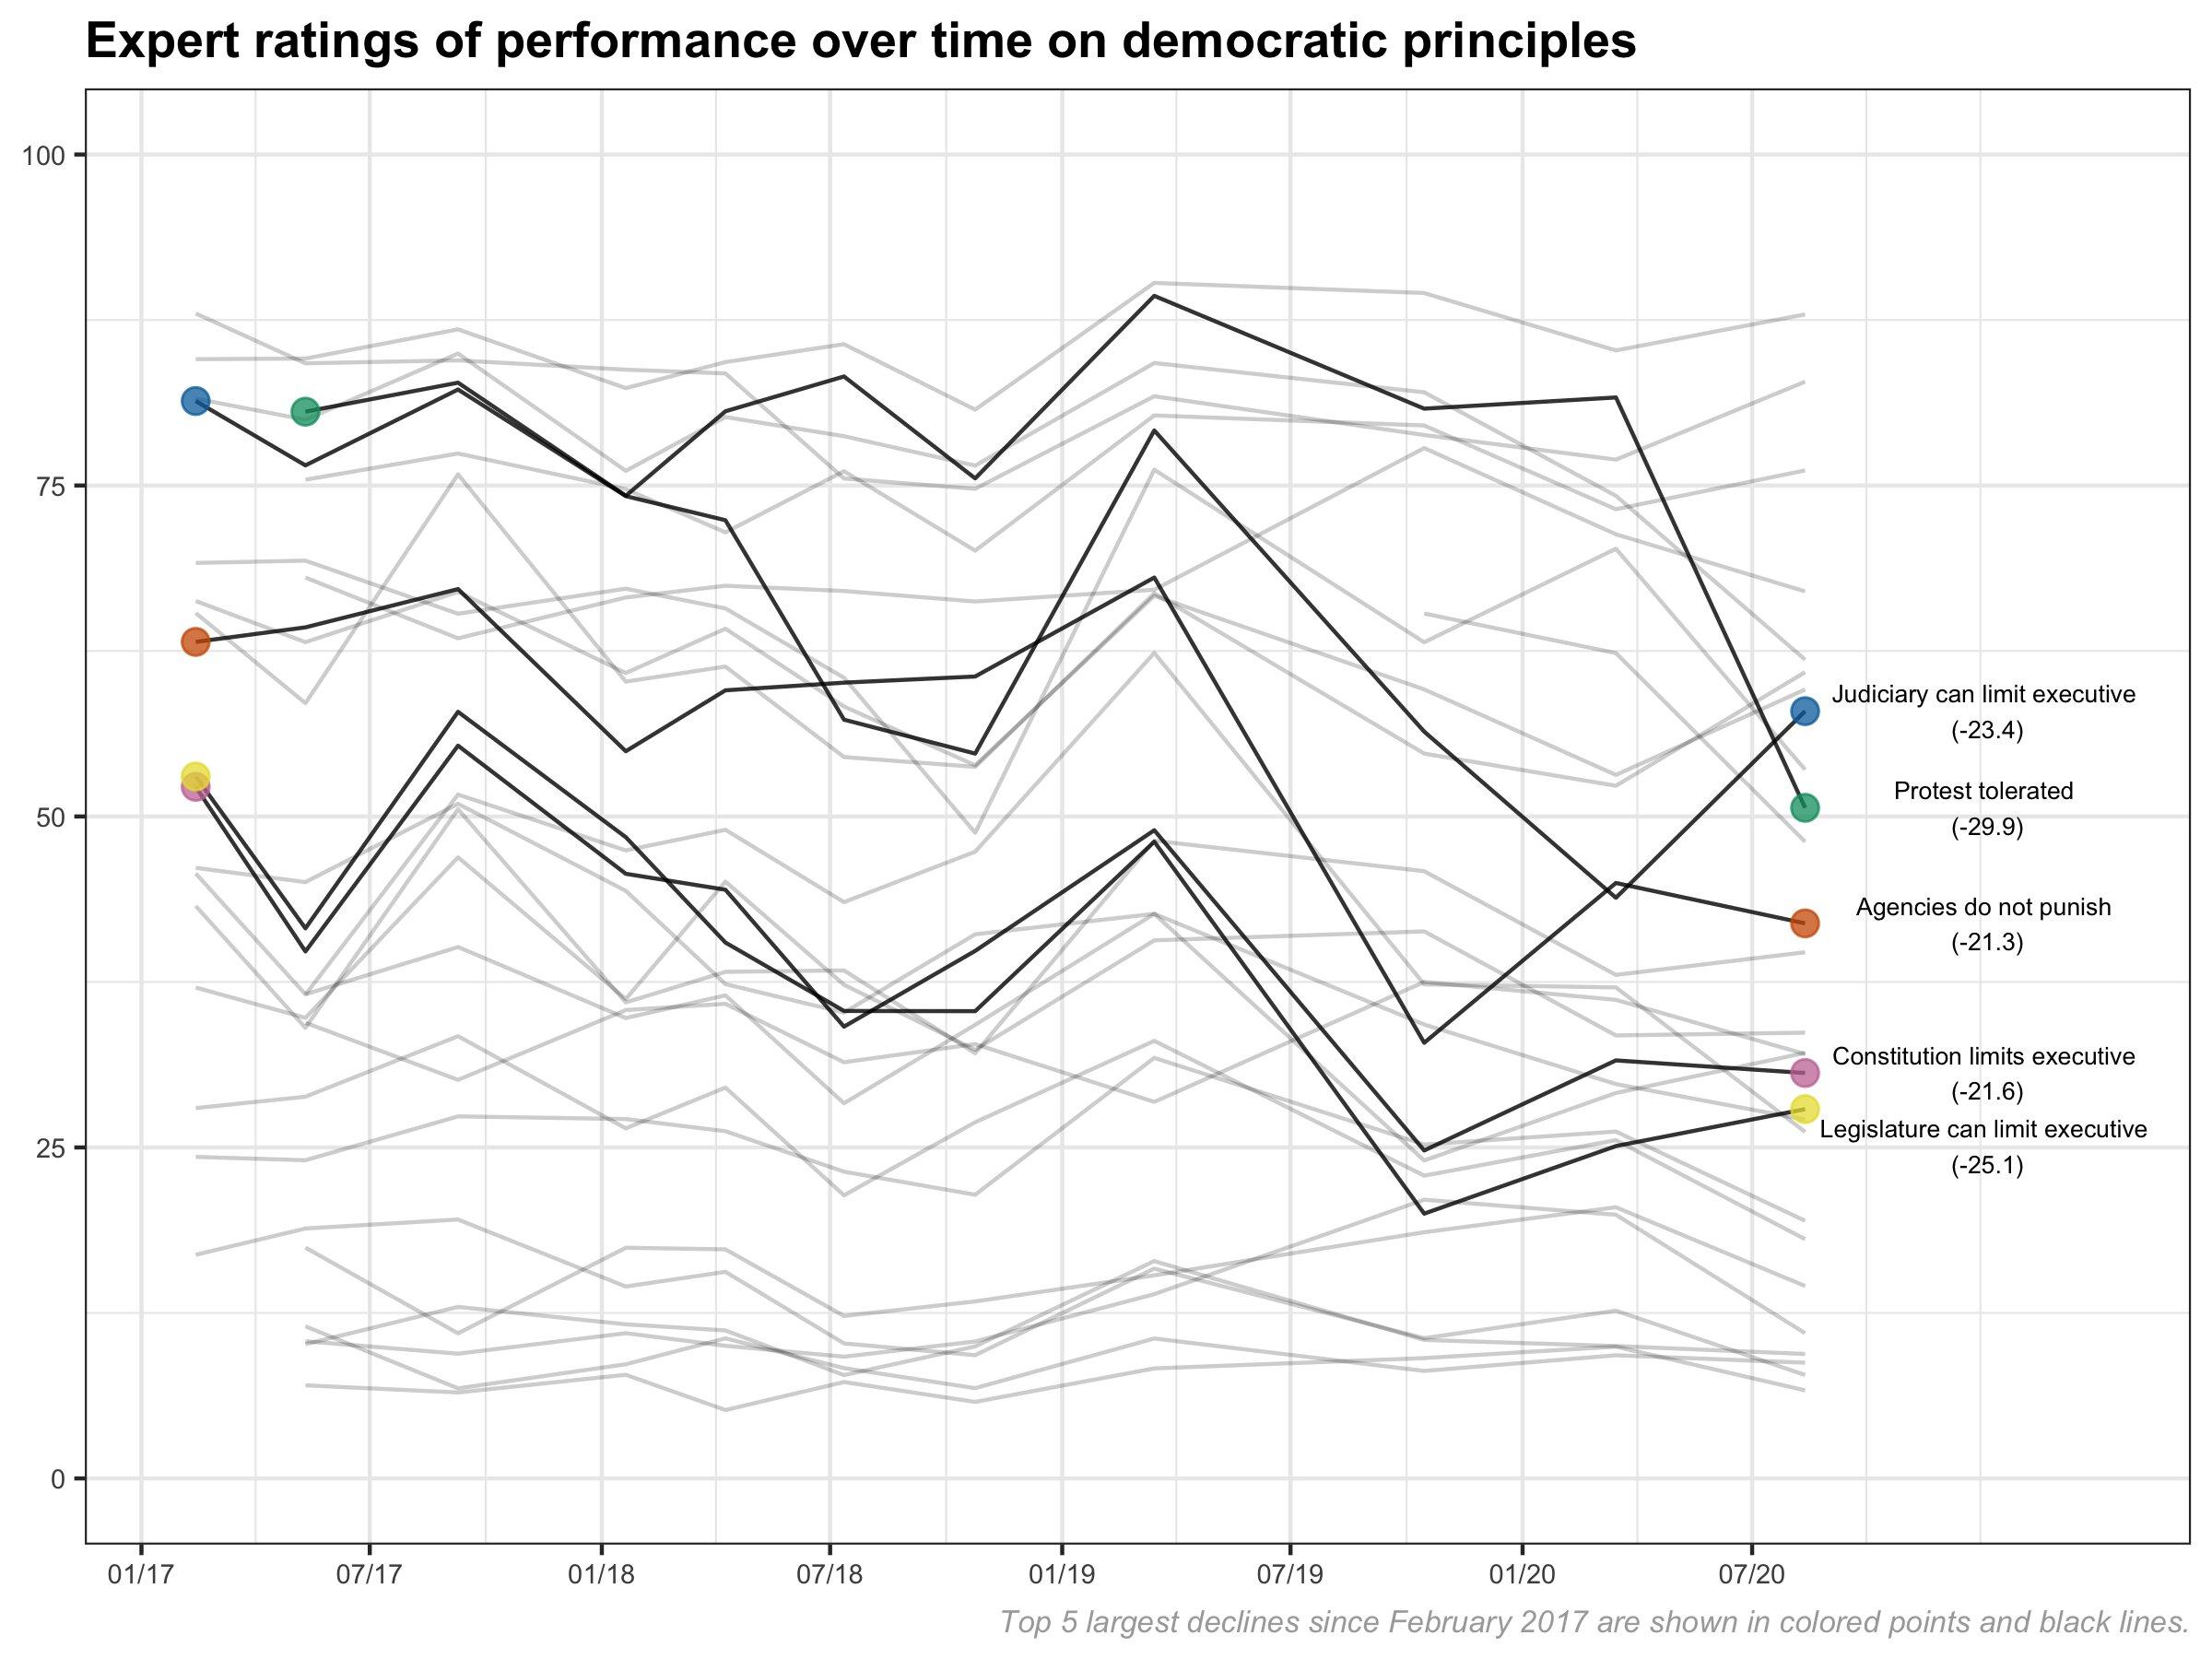 US democratic indicators plummet amid racial justice